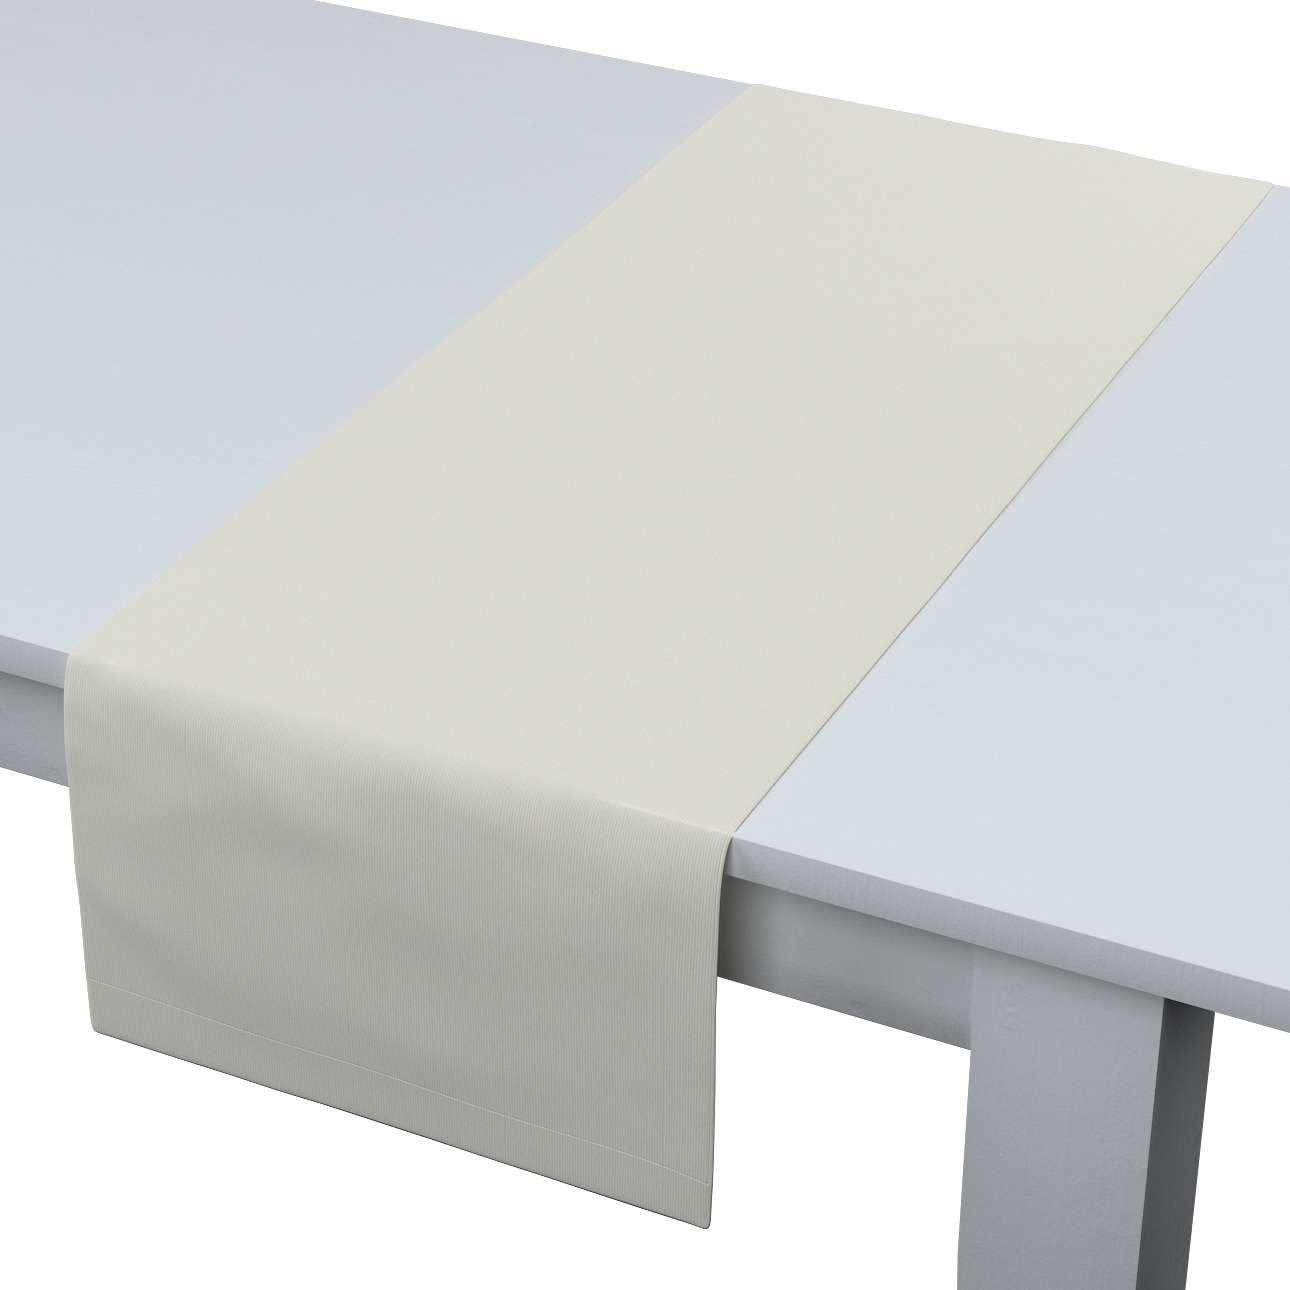 Rechteckiger Tischläufer 40 x 130 cm von der Kollektion Jupiter, Stoff: 127-00